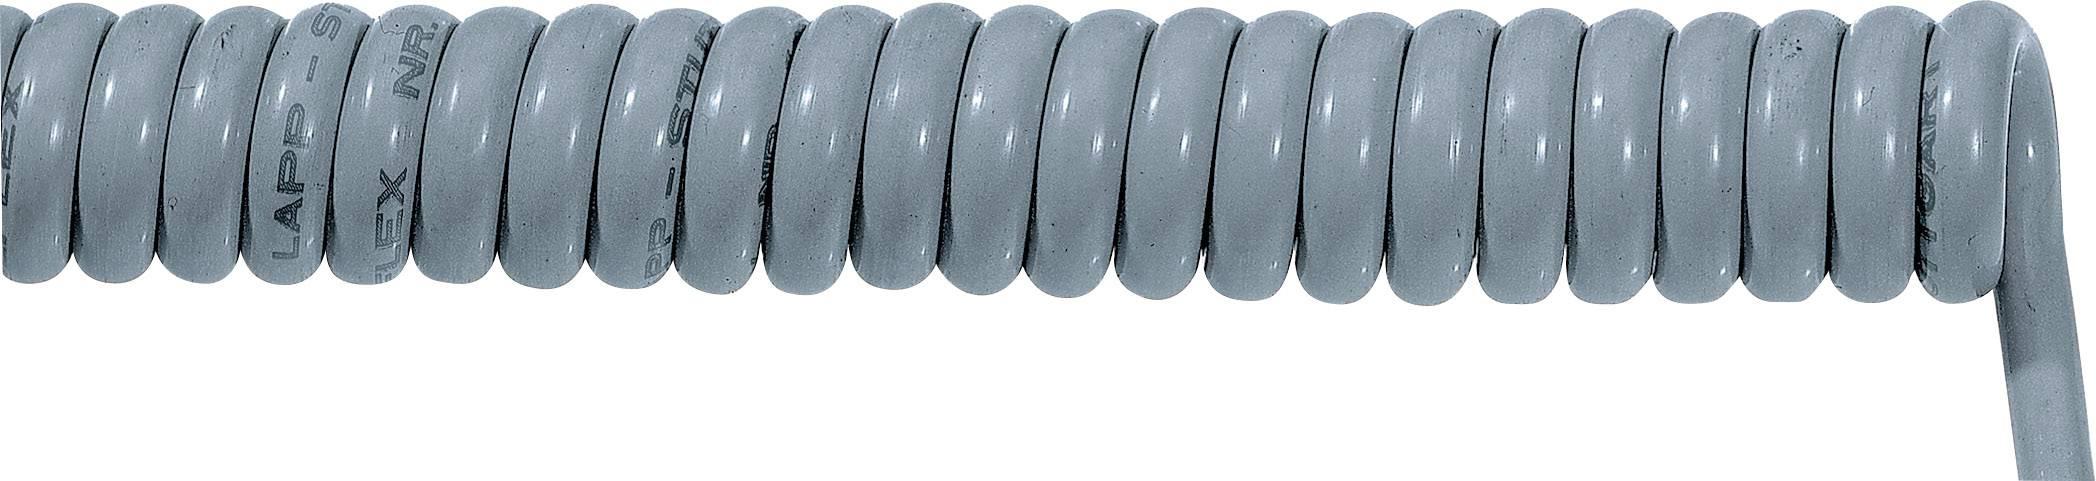 Špirálový kábel 70002628 ÖLFLEX® SPIRAL 400 P 3 x 0.75 mm², 500 mm / 1500 mm, sivá